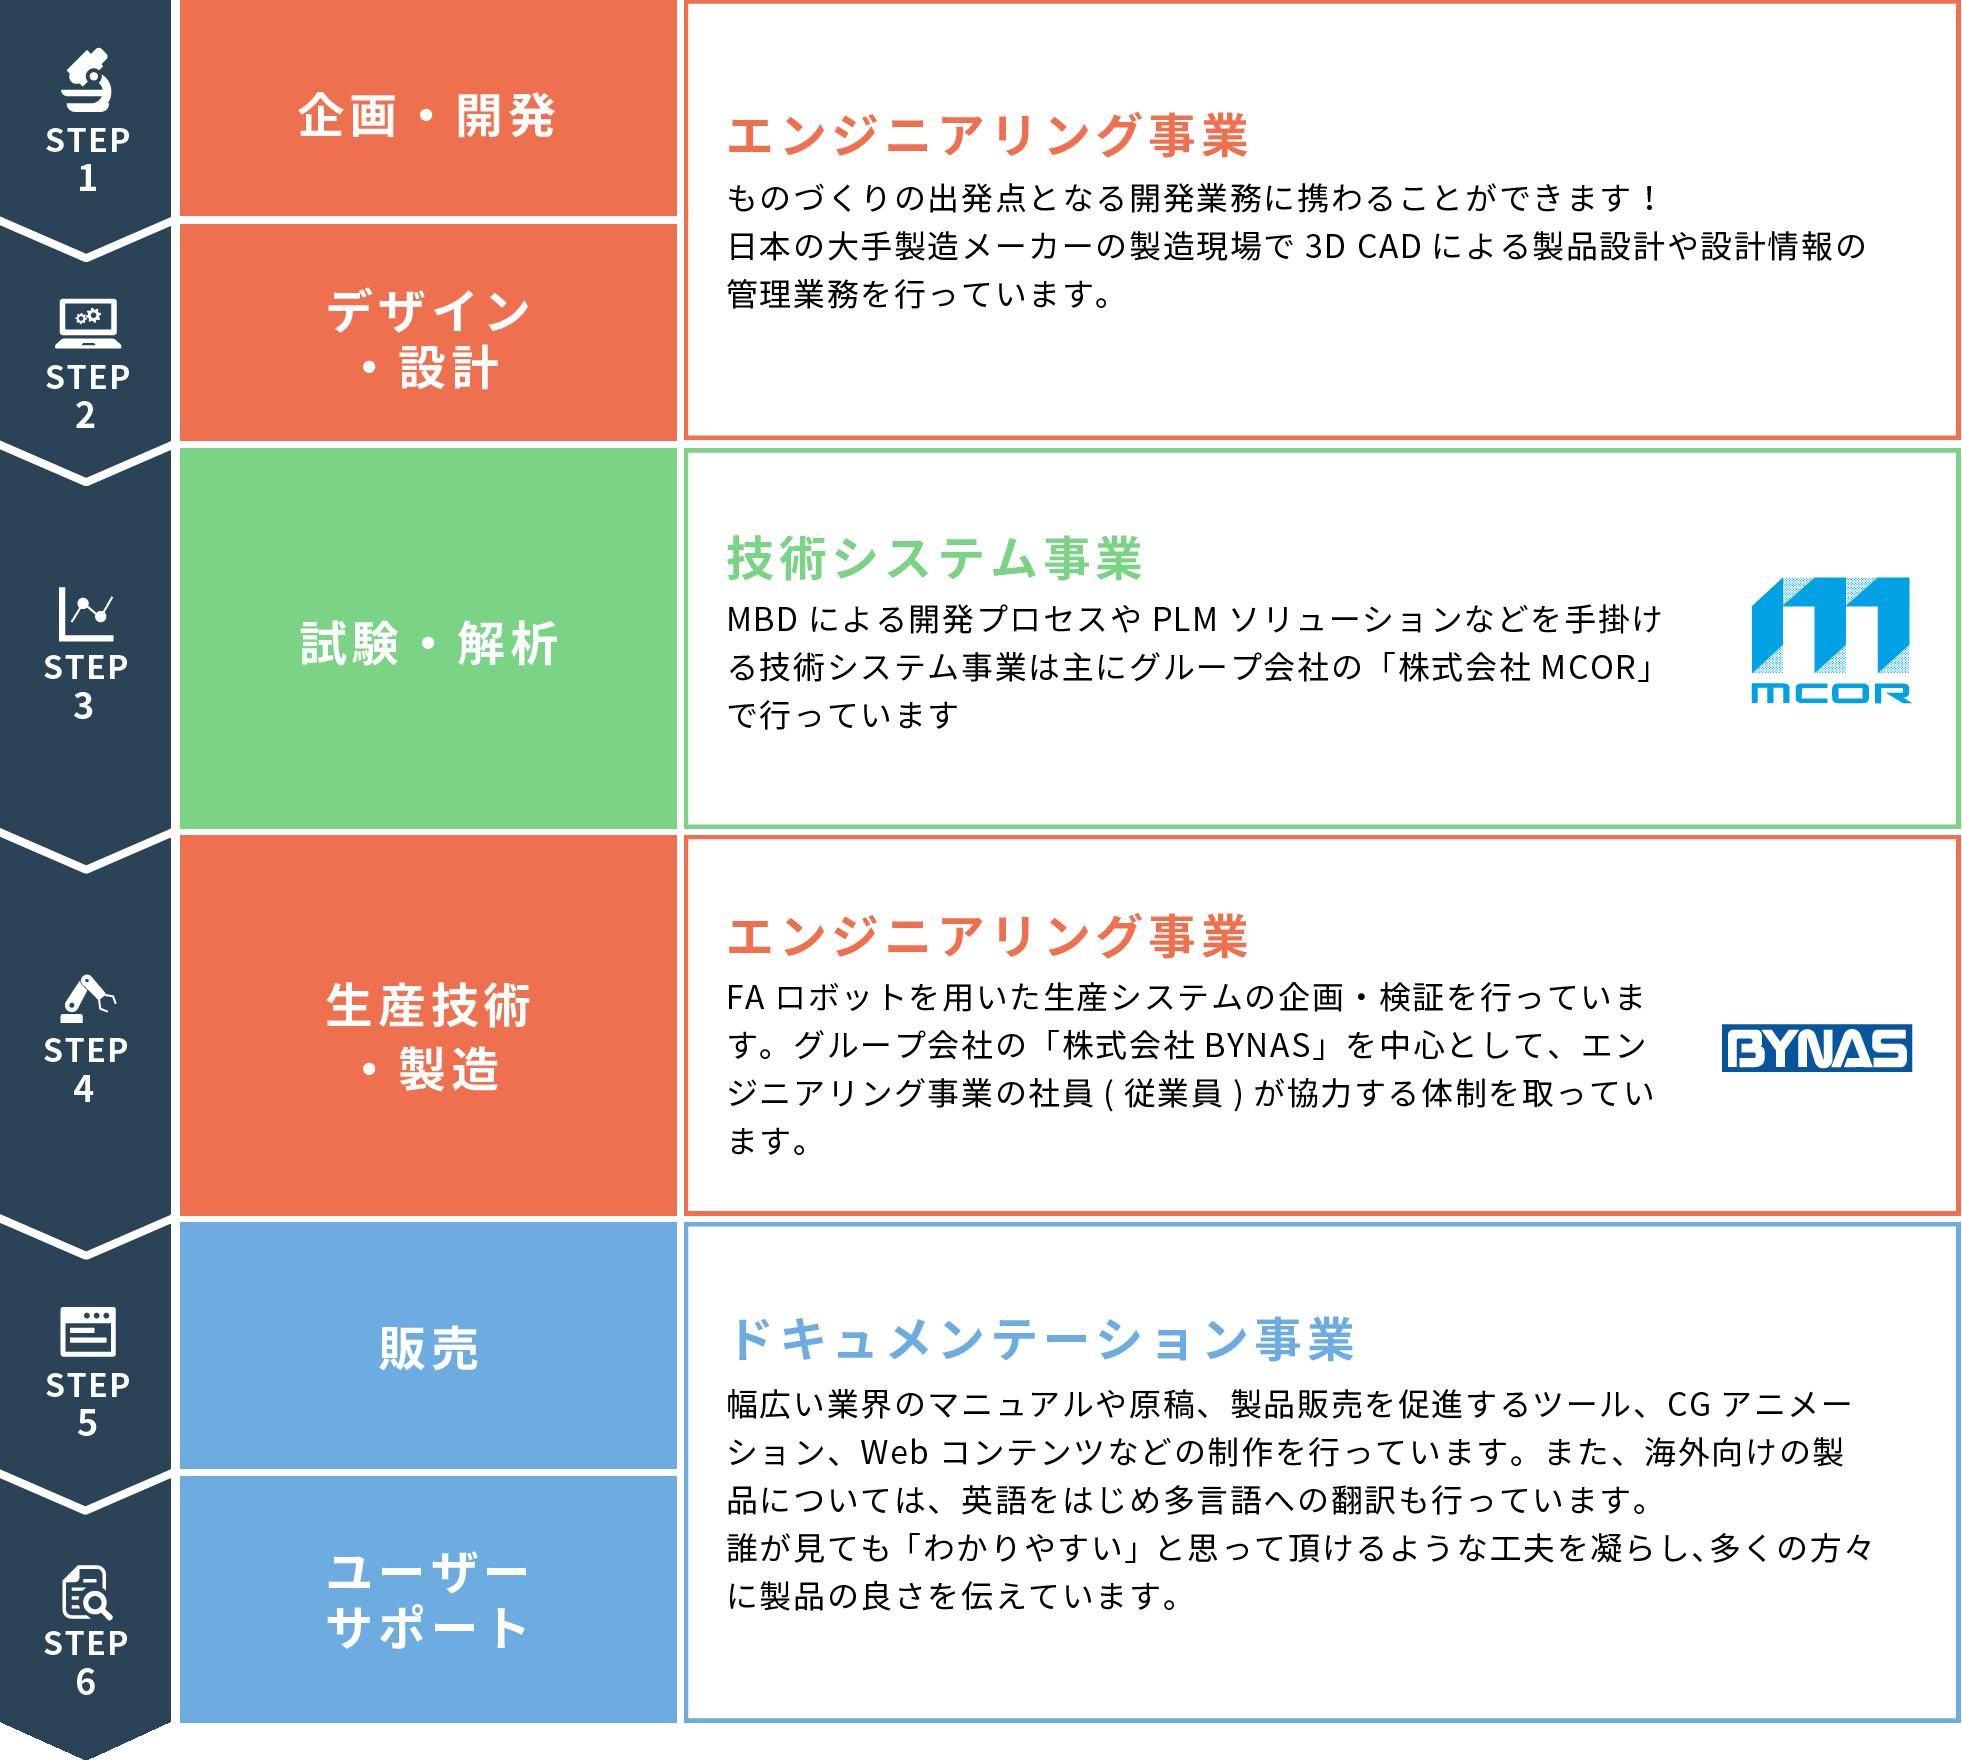 STEP1企画・開発 STEP2デザイン・設計 / エンジニアリング事業 ものづくりの出発点となる開発業務に携わることができます。日本の大手製造メーカーの製造現場で3D CADによる製品設計や設計情報の管理業務を行っています。 STEP3試験・解析 / 技術システム事業 MBDによる開発プロセスやPLMソリューションなでを手掛ける技術システム事業は主にグループ会社の「株式会社MCOR」で行っています。STEP4生産技術・製造 / エンジニアリング事業 FAロボットを用いた生産システムの企画・検証を行っています。グループ会社の「株式会社BTNAS」を中心として、エンジニアリング事業の社員(従業員)が協力する体制を取っています。STEP5販売 STEP6ユーザーサポート / ドキュメンテーション事業 幅広い業界のマニュアルや原稿、製品販売を促進するツール、CGアニメーション、webコンテンツなどの制作を行っています。また、海外向けの製品については、英語をはじめ多言語への翻訳も行っています。誰が見ても「わかりやすい」と思って頂けるような工夫を凝らし、多くの方々に製品の良さを伝えています。